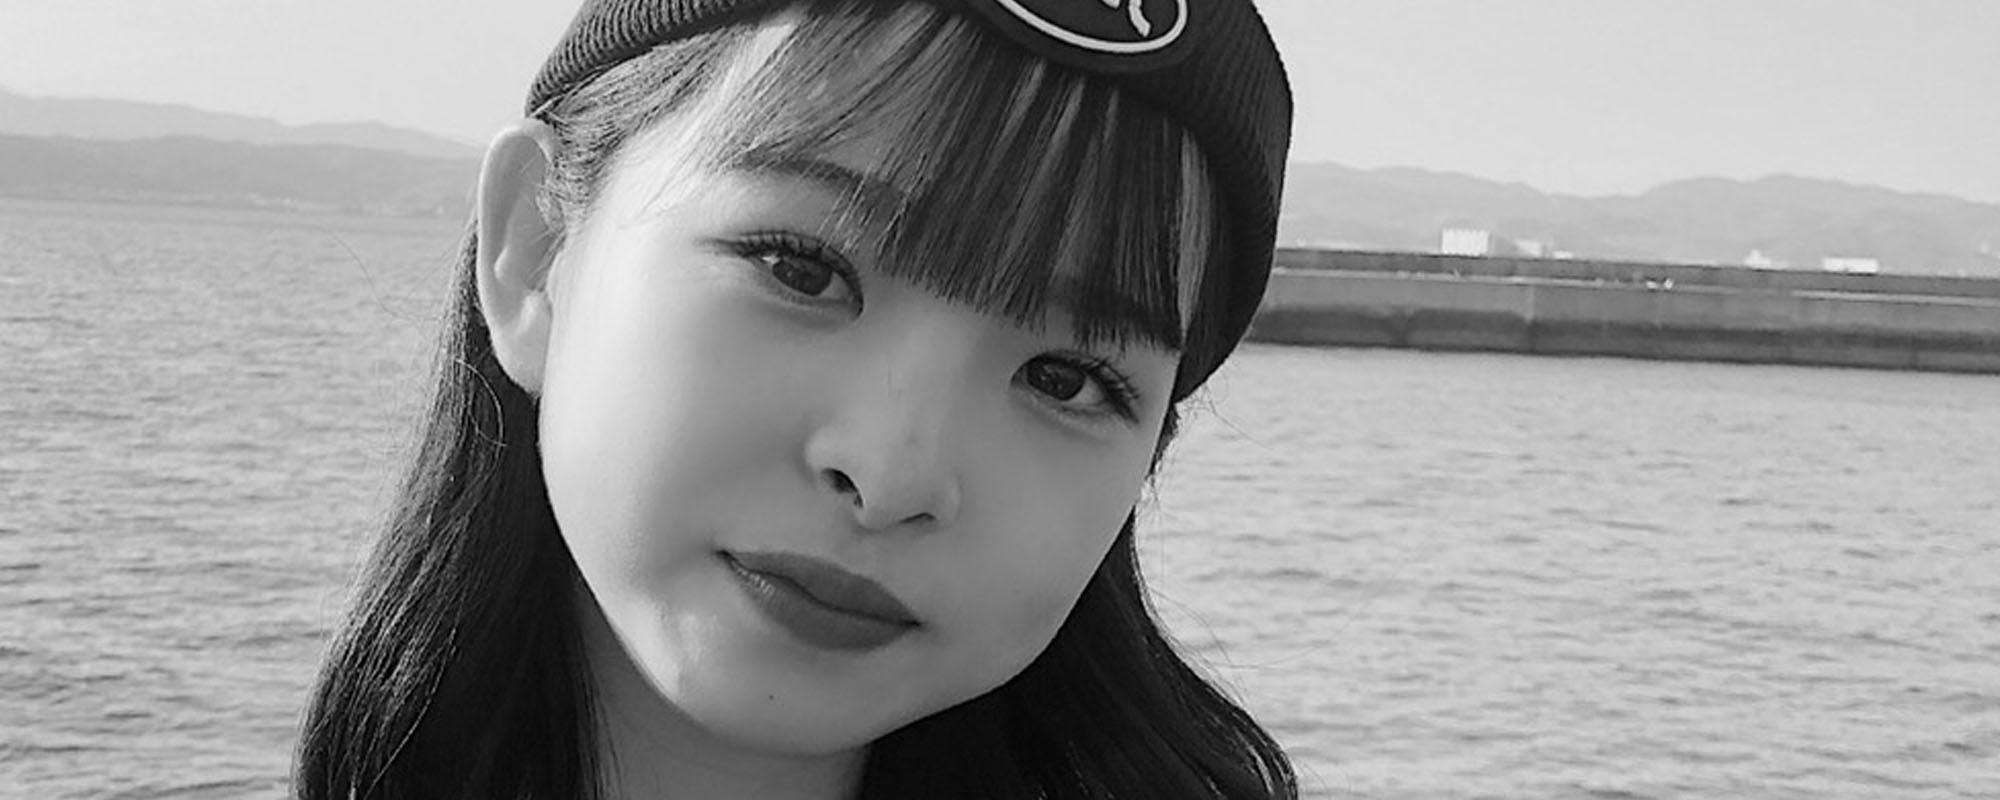 MONKATSU DANCE SCHOOL モンカツダンススクール | 福山市のダンススクール|インストラクター「YUNA」のイメージ